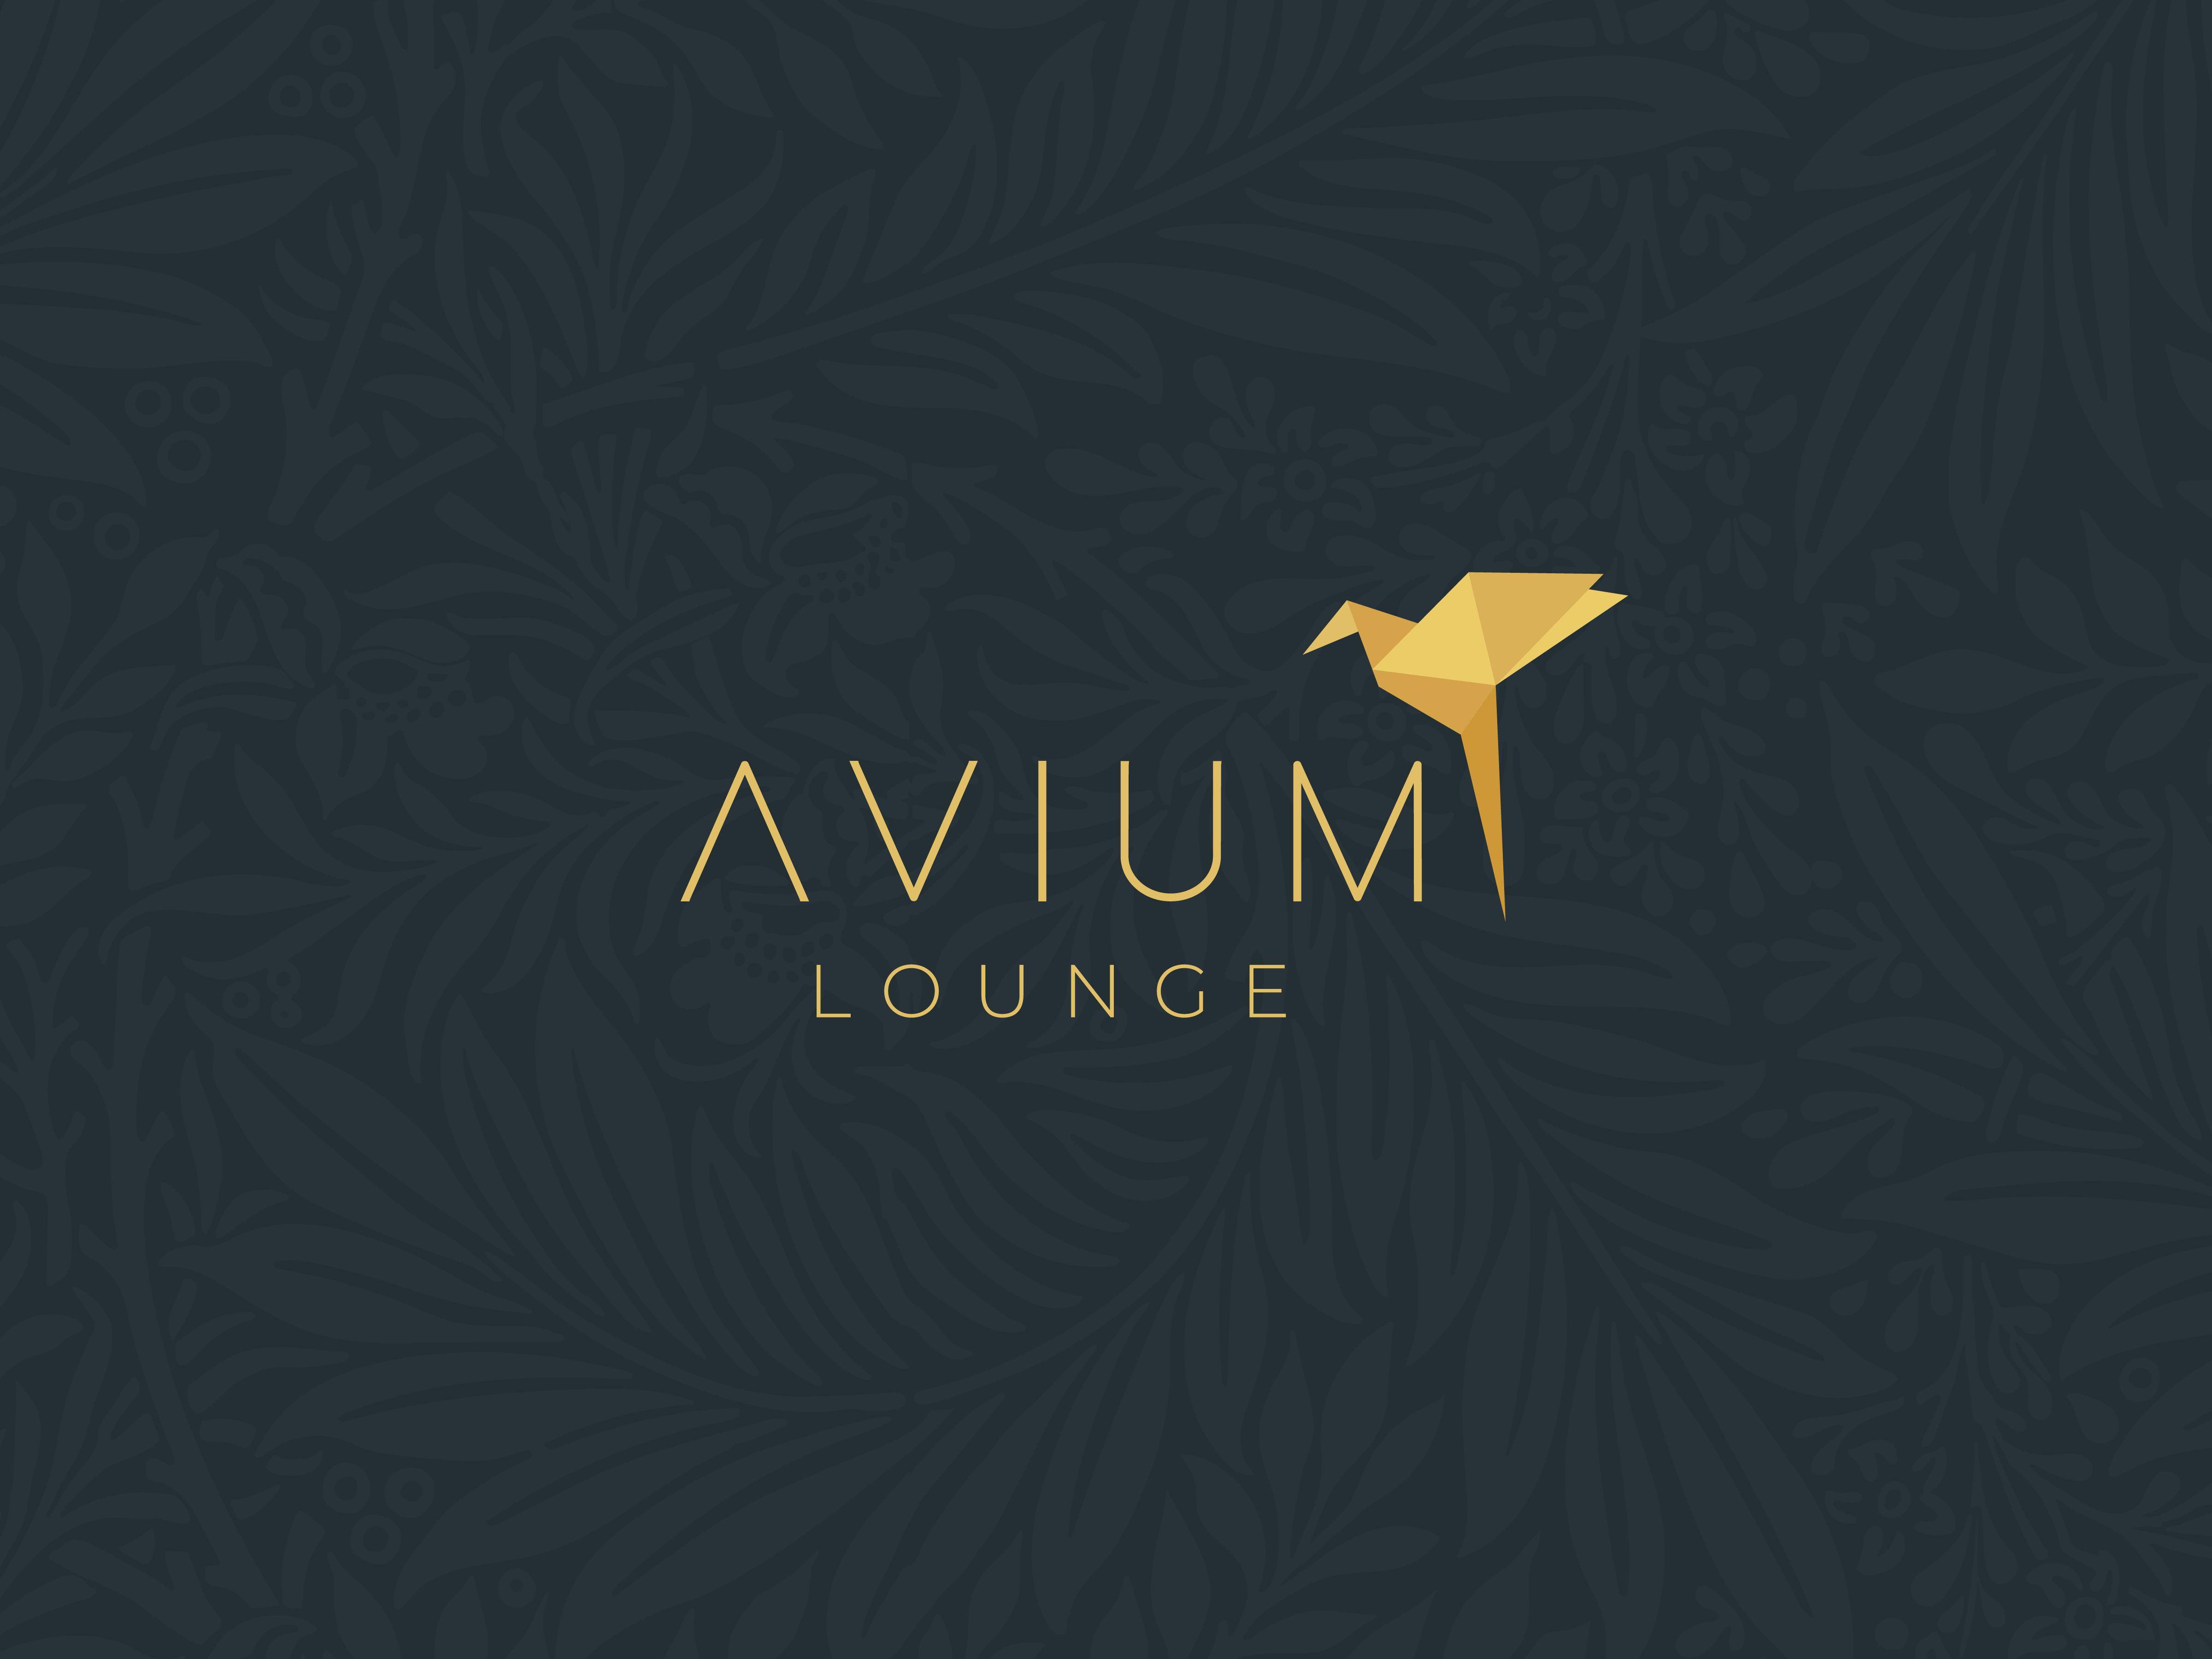 projekt_Avium